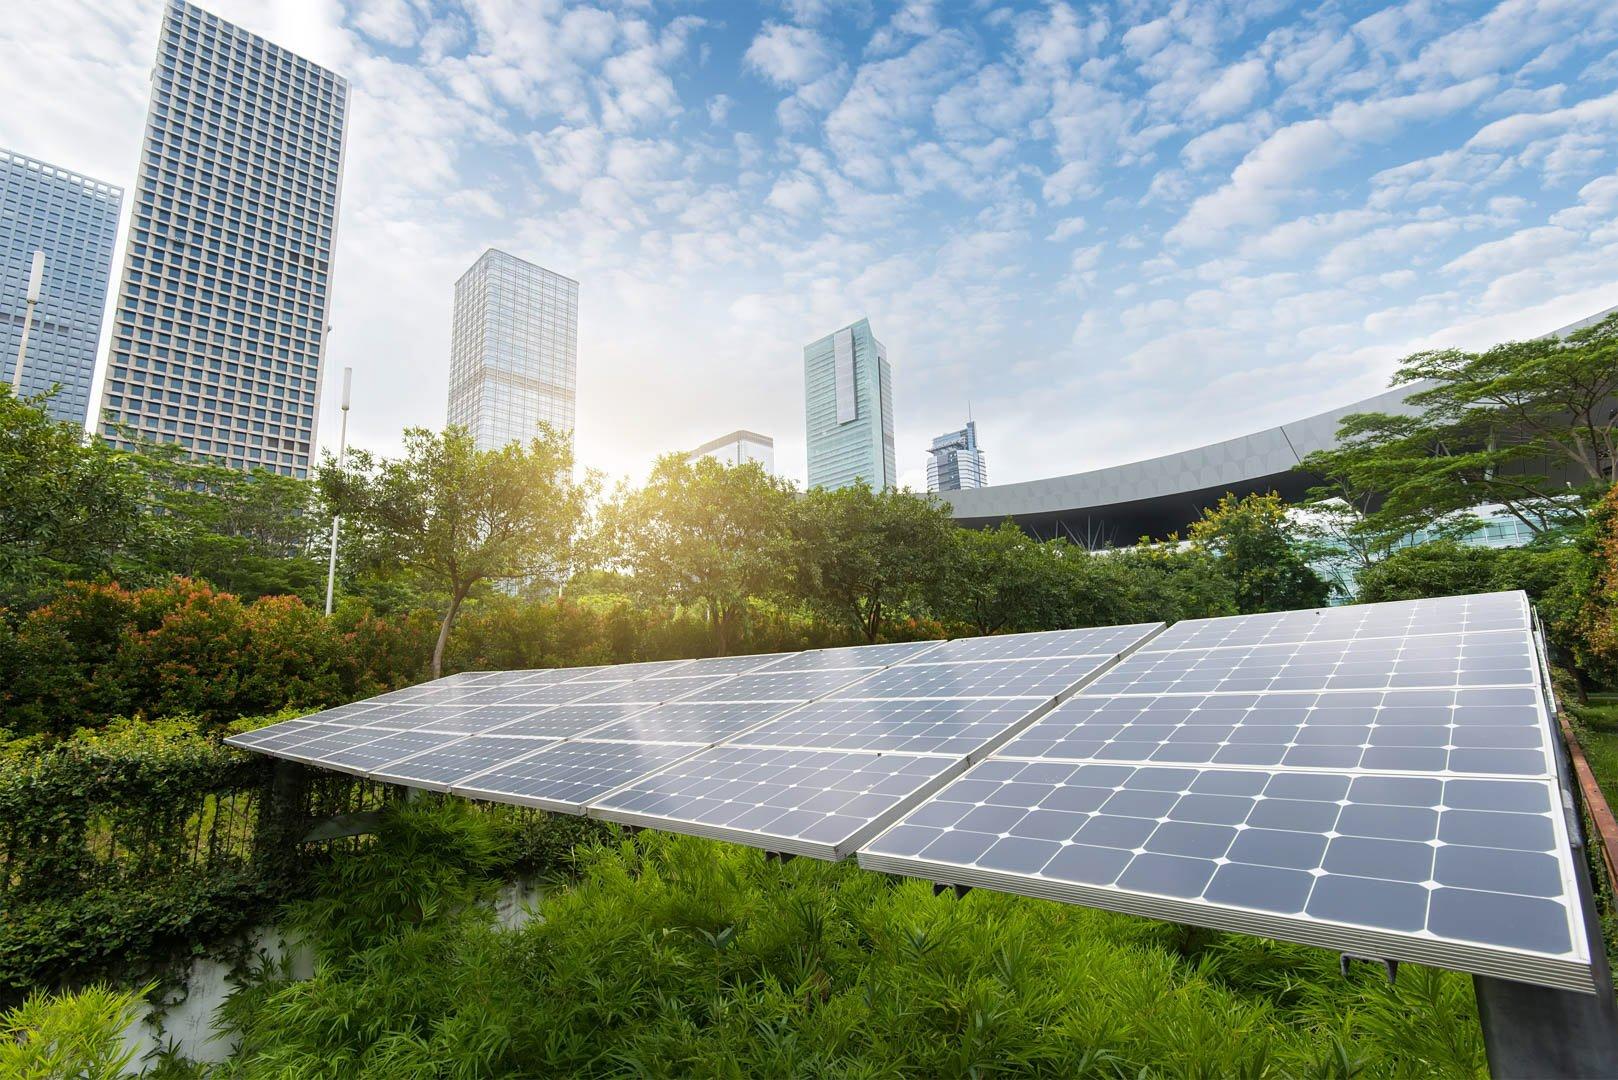 panneaux solaires et ville